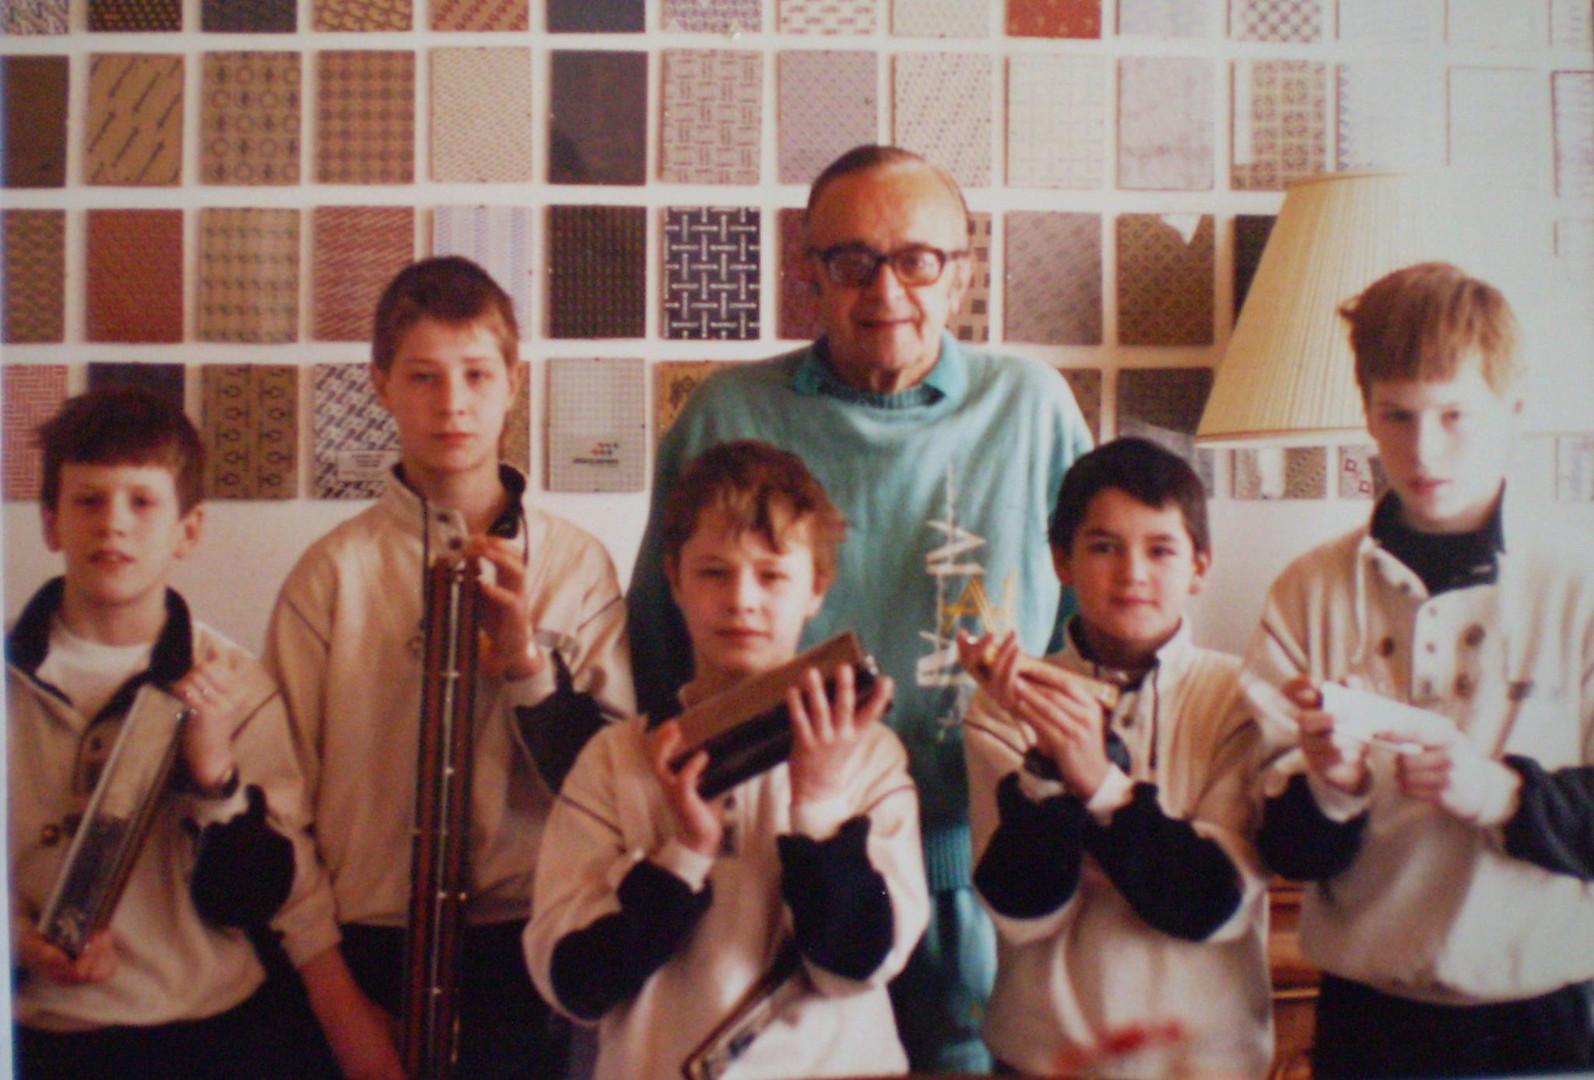 Meeting Larry Adler 1989